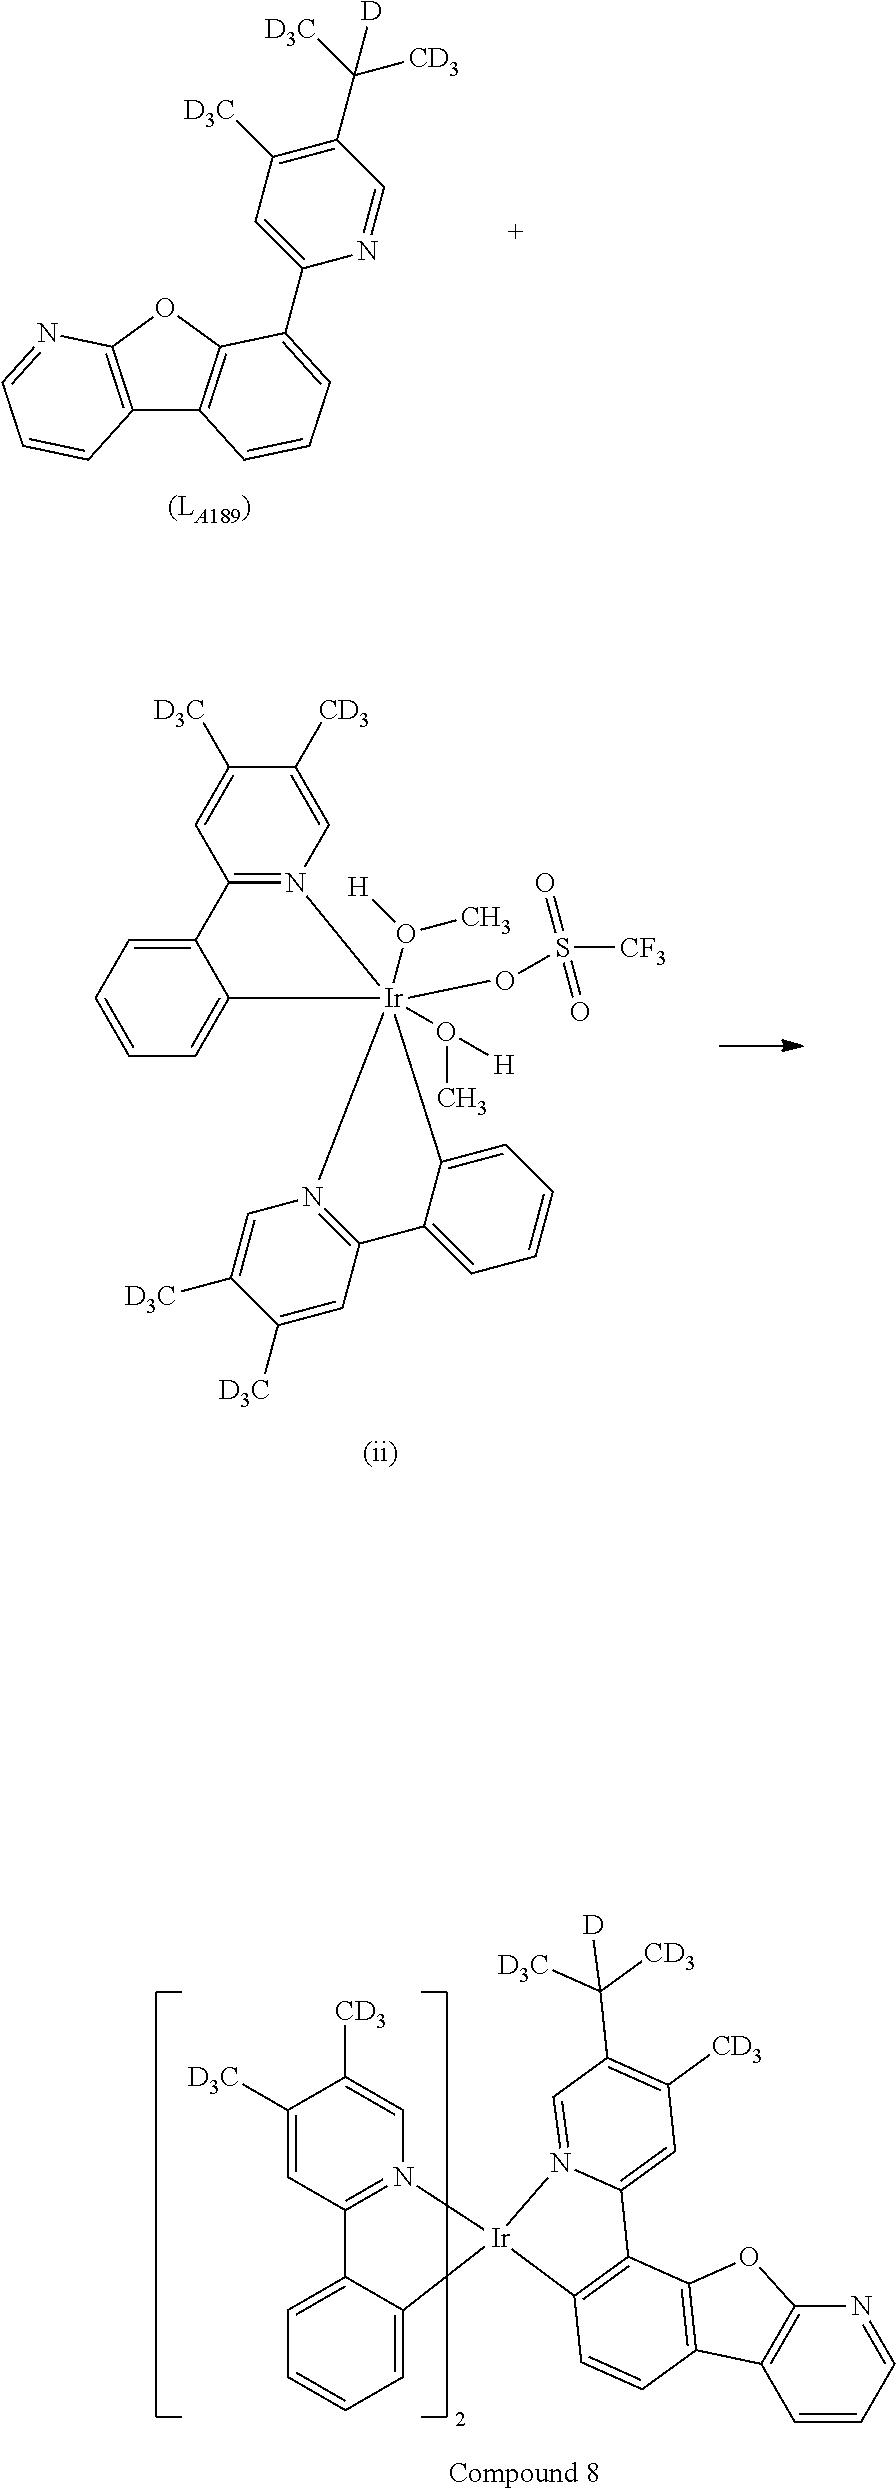 Figure US20160049599A1-20160218-C00183